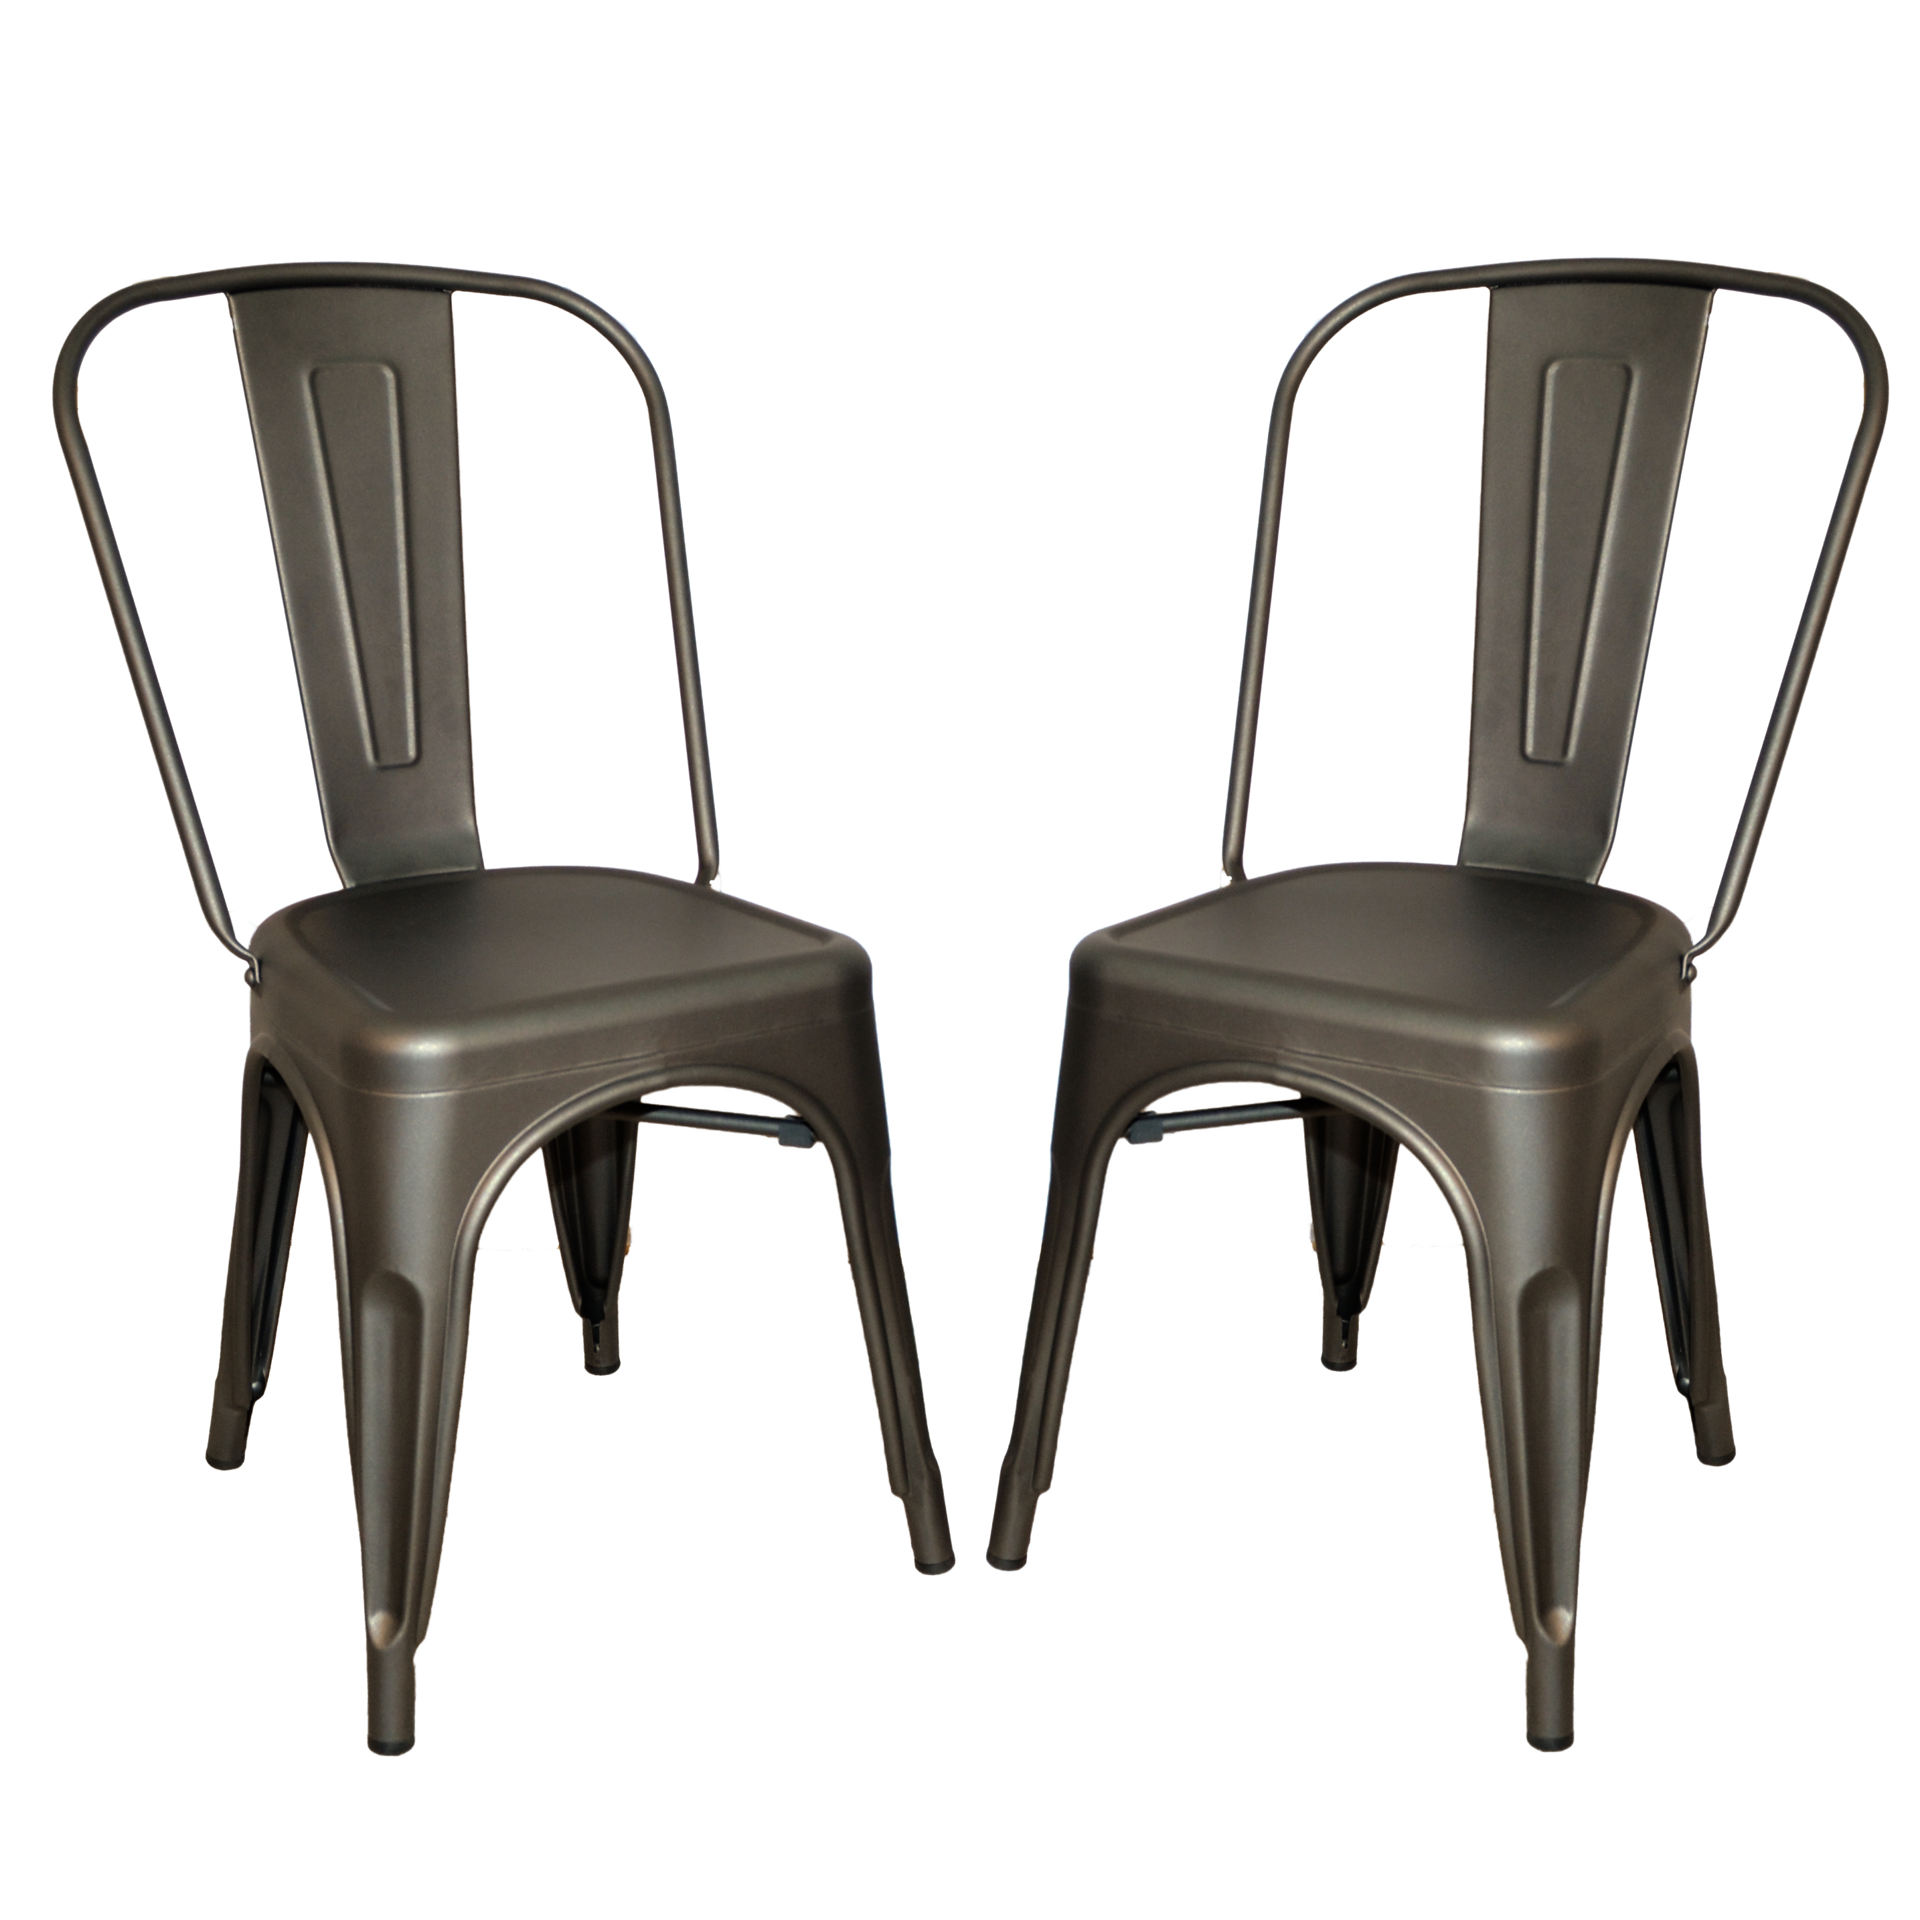 Adeline Metal Chair, Rustic Pewter